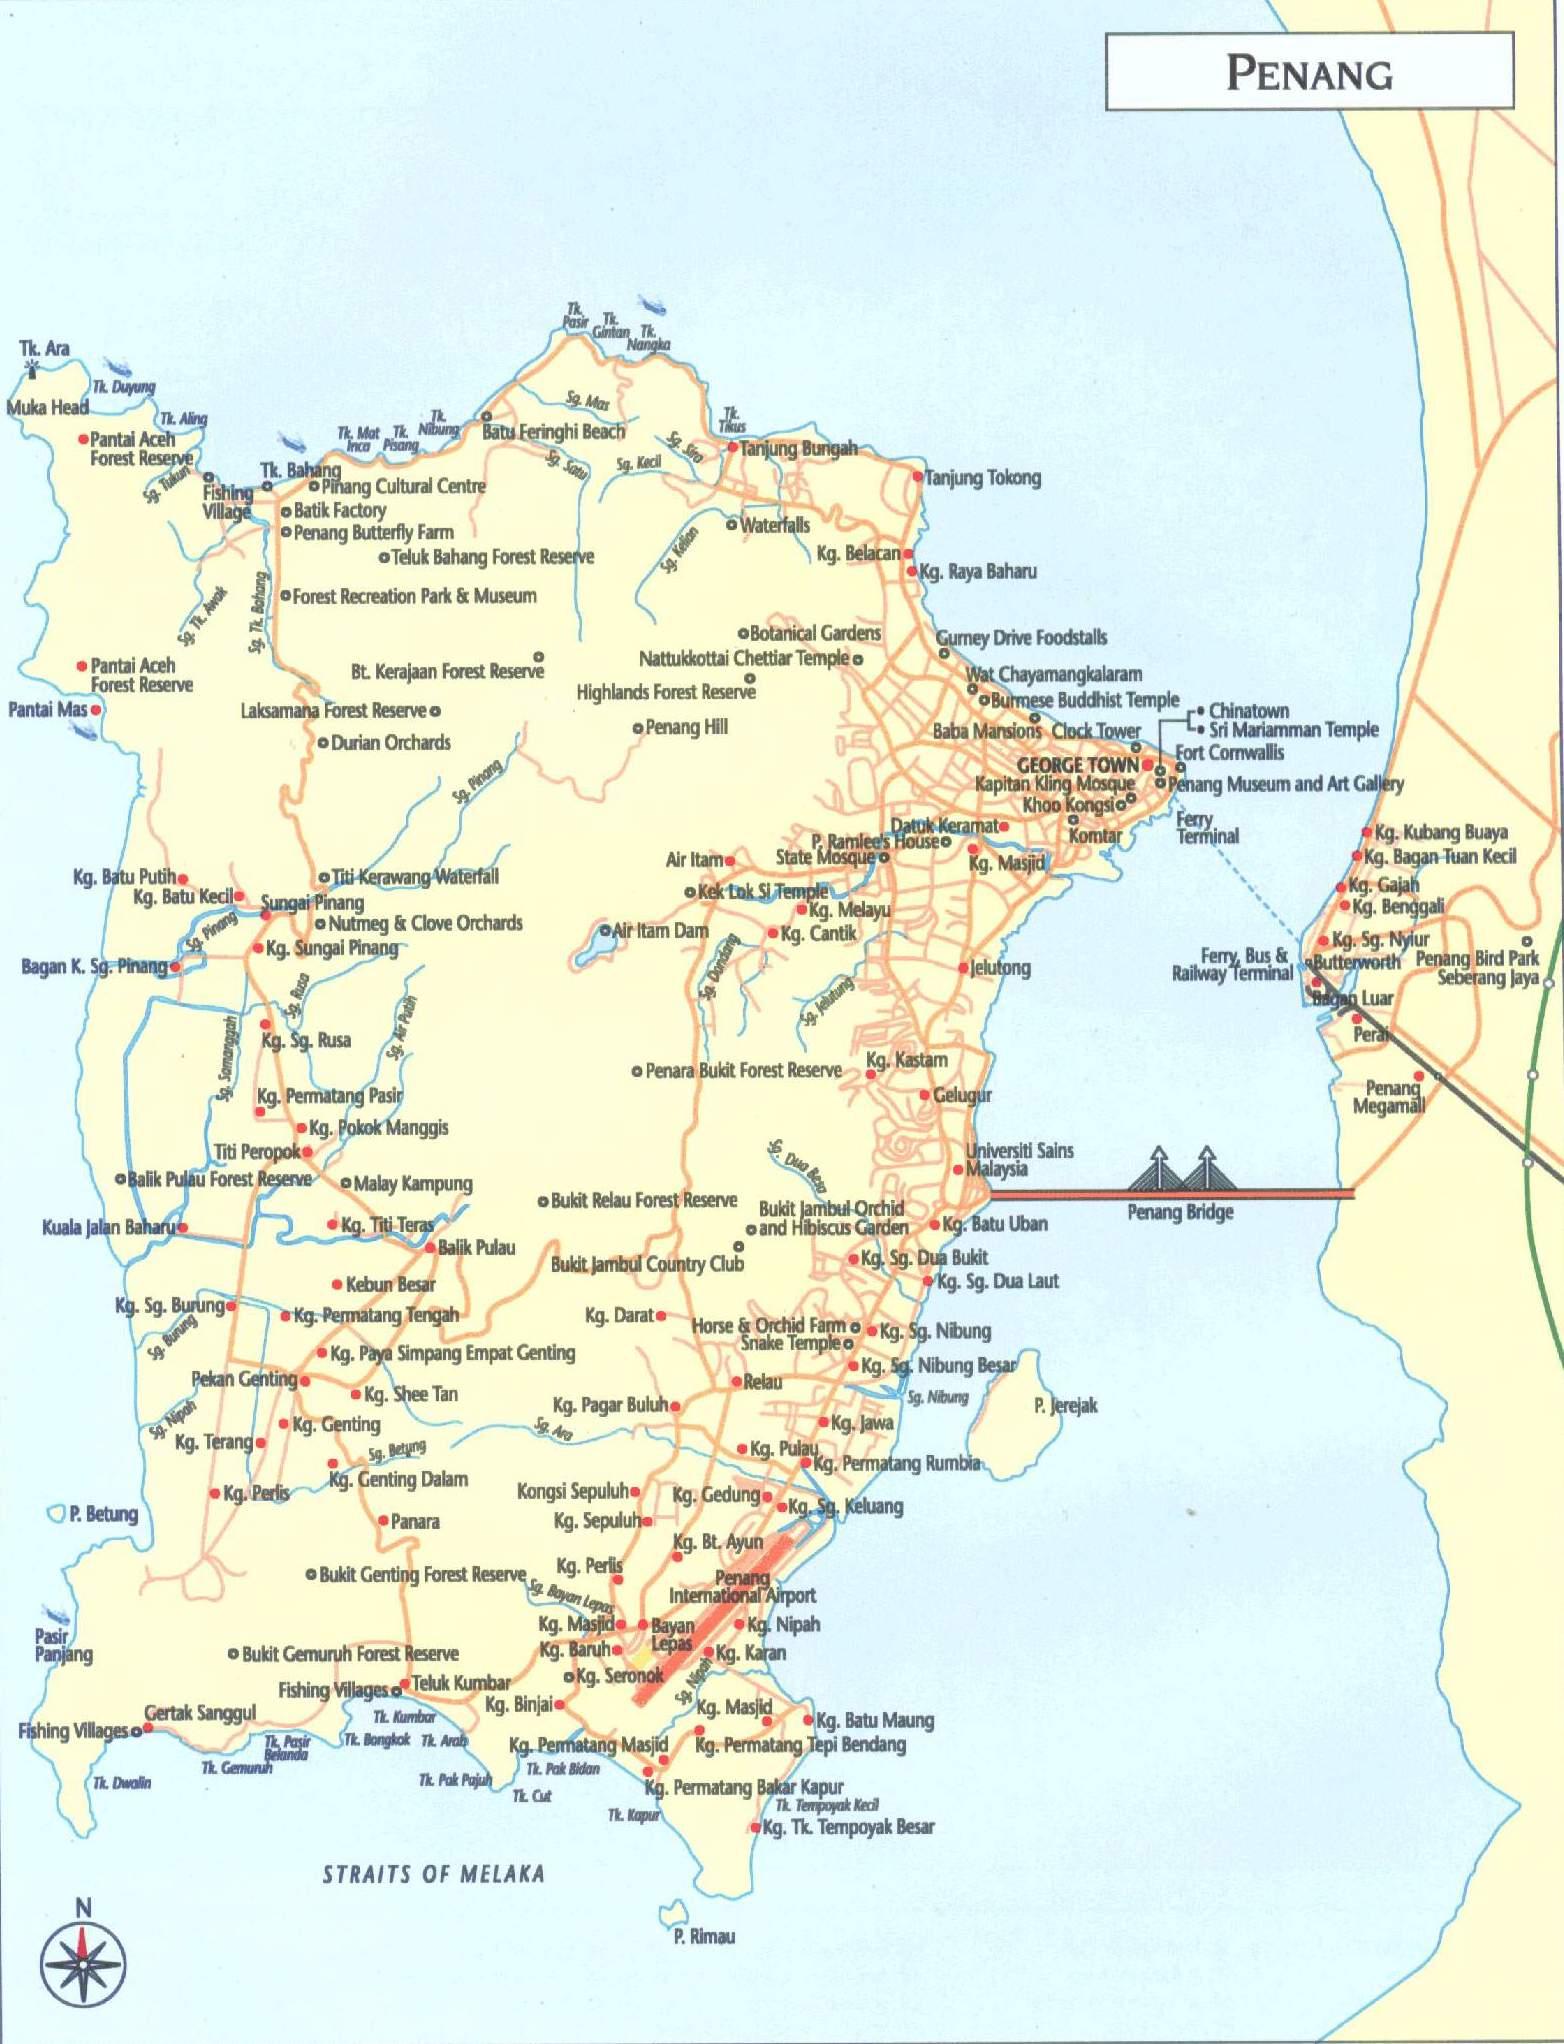 Penang map